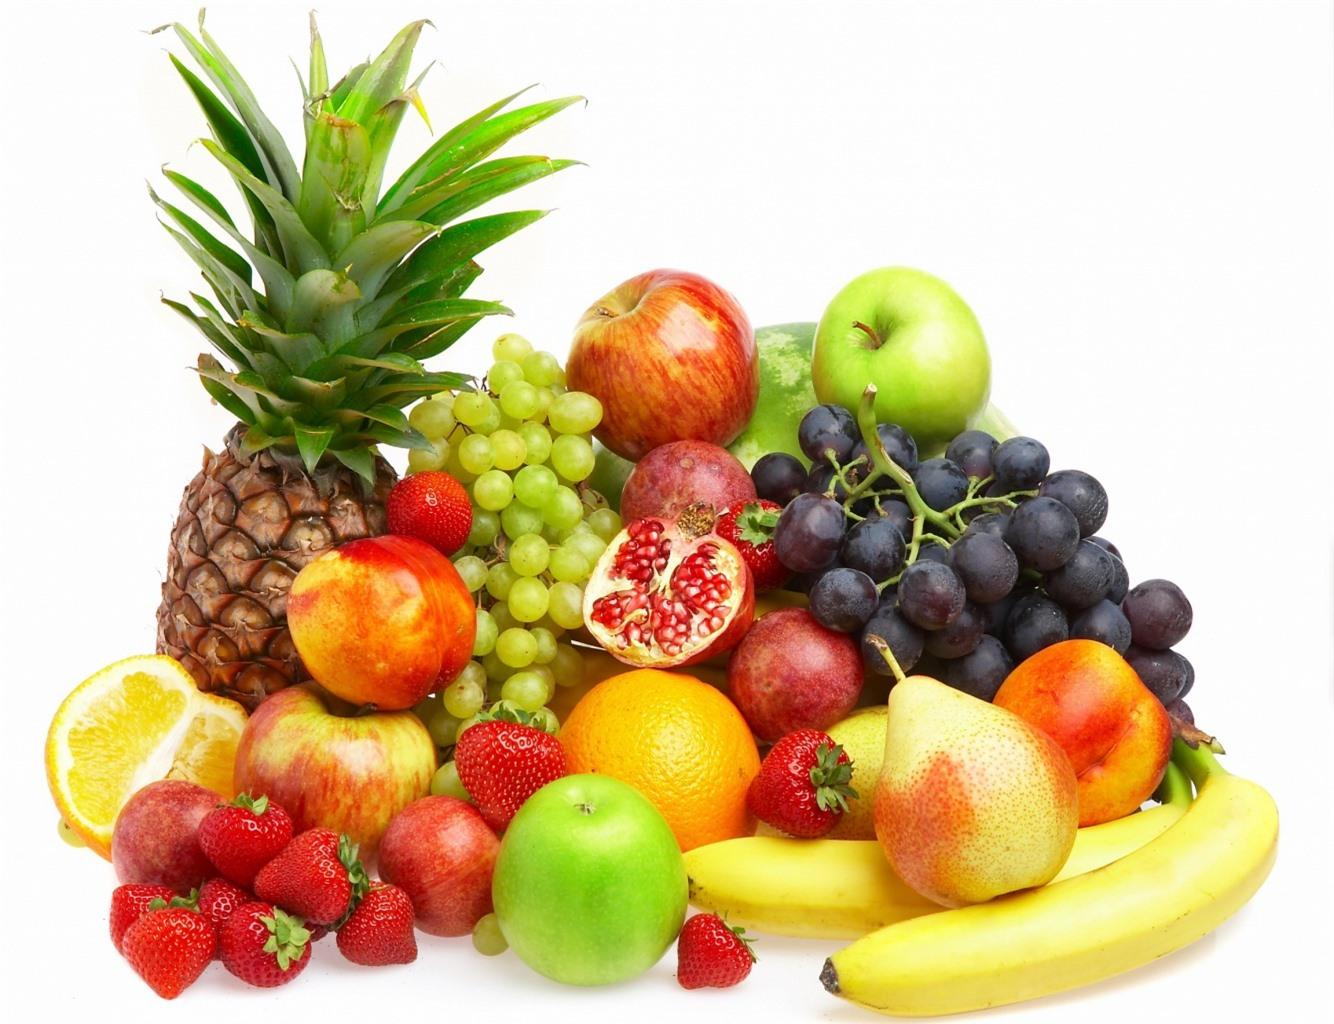 Bày những đĩa hoa quả lớn trong nhà để mang lại sự thịnh vượng và no đủ